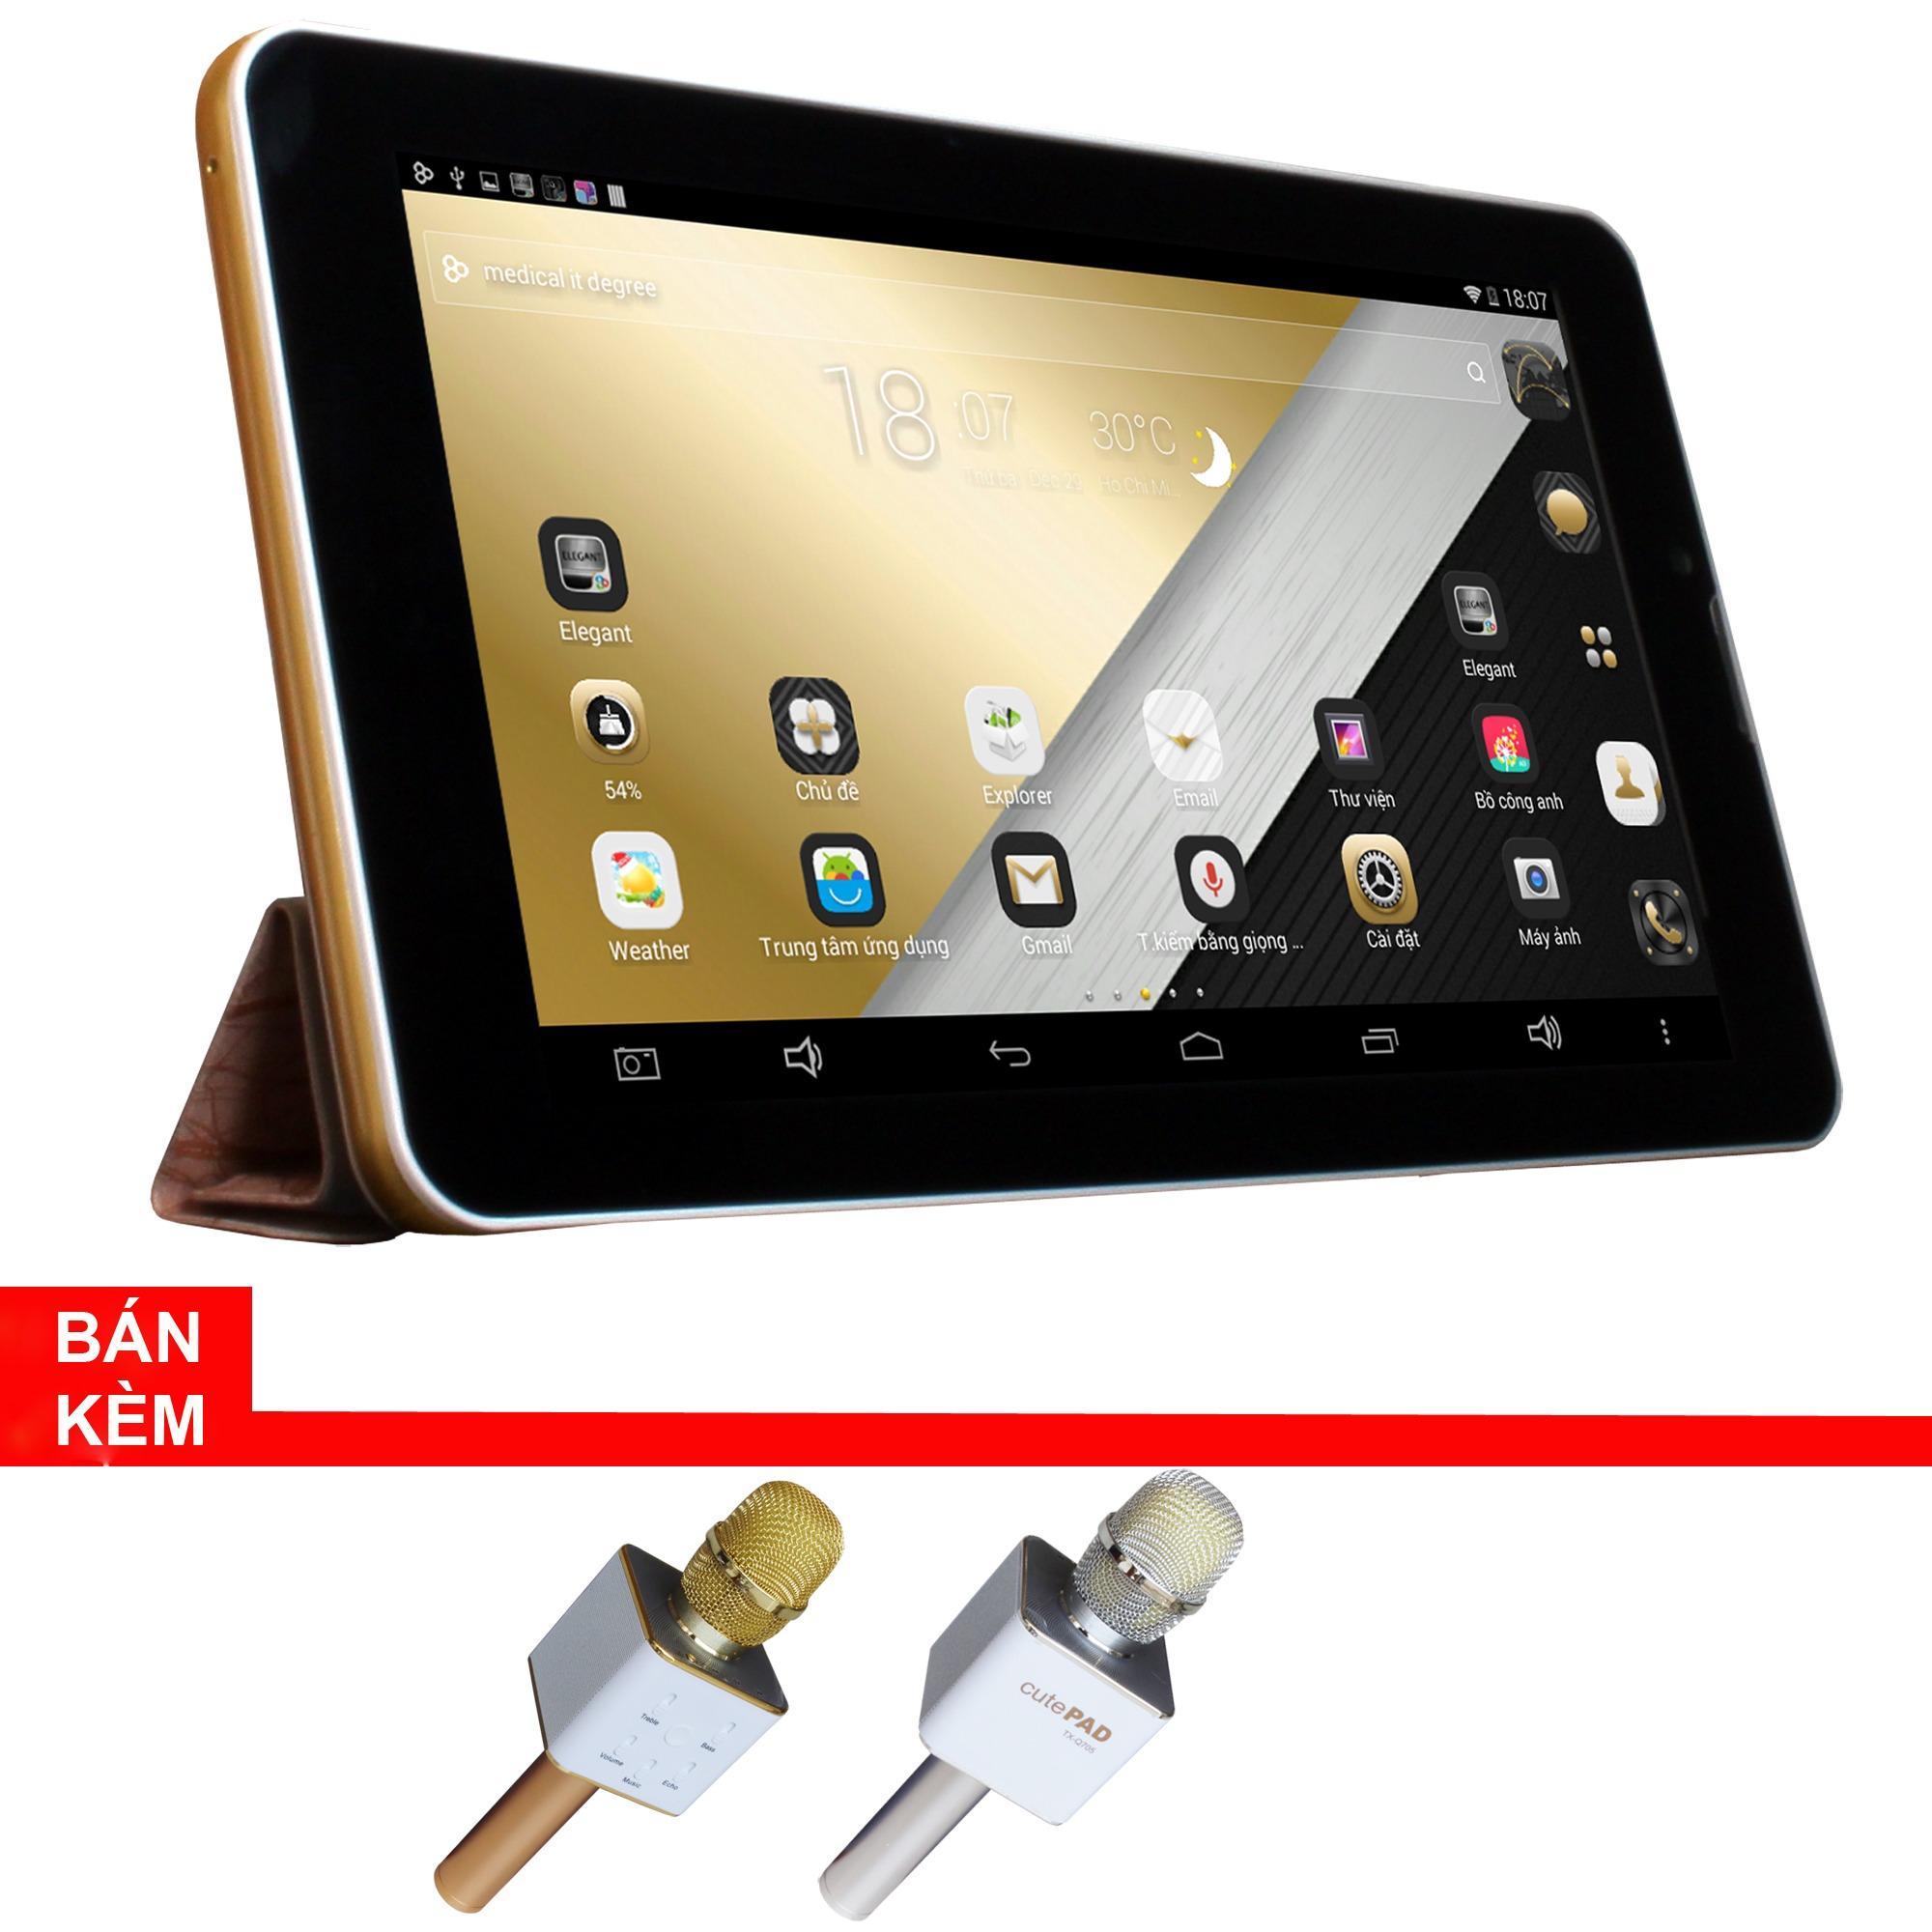 Máy tính bảng cutePad Tab 4 M7047 wifi/3G (vàng gold) + Micro Karaoke tích hợp loa Bluetooth cutePad TX-Q705 ngẫu...